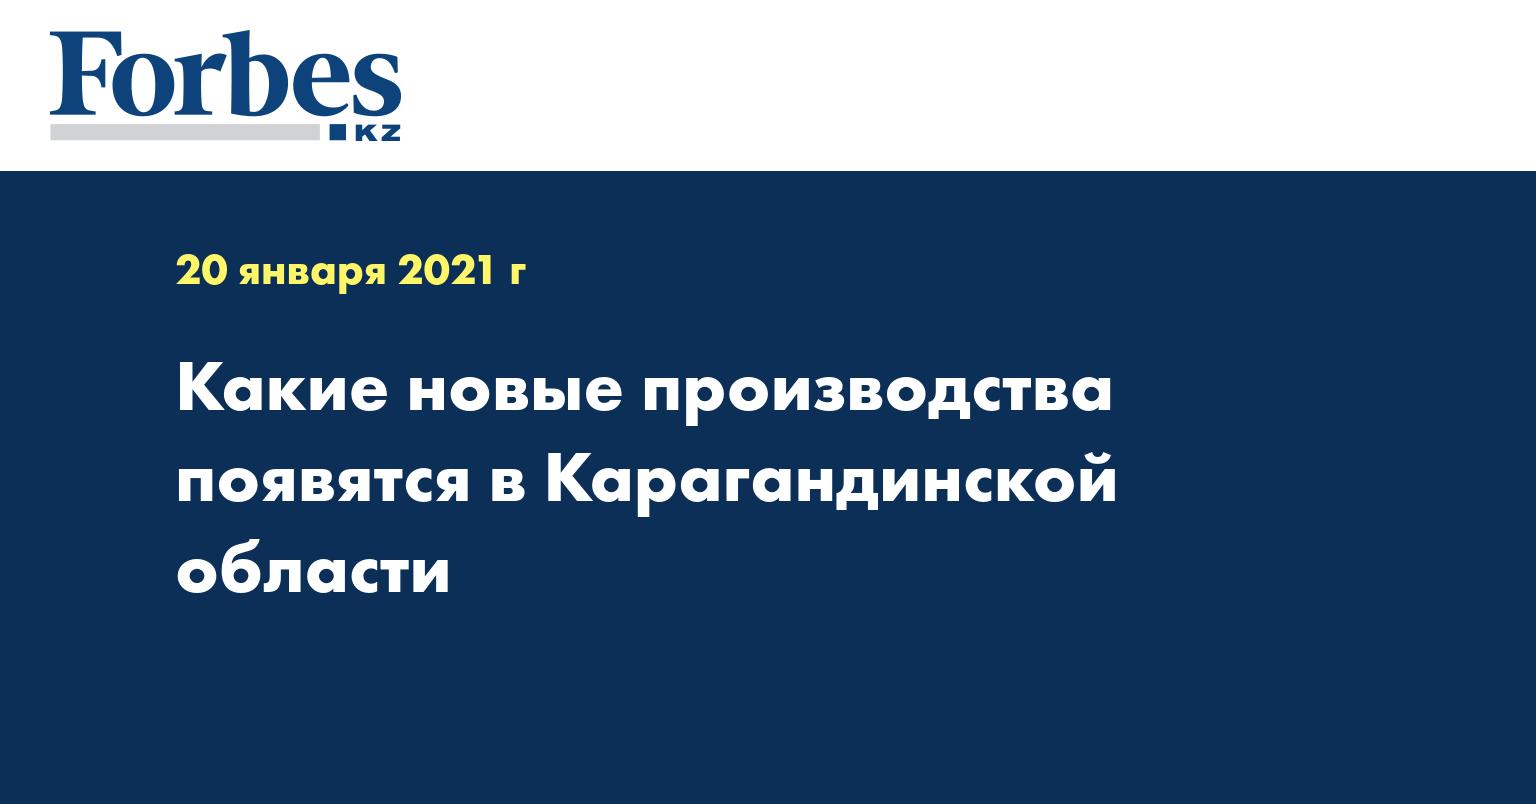 Какие новые производства появятся в Карагандинской области